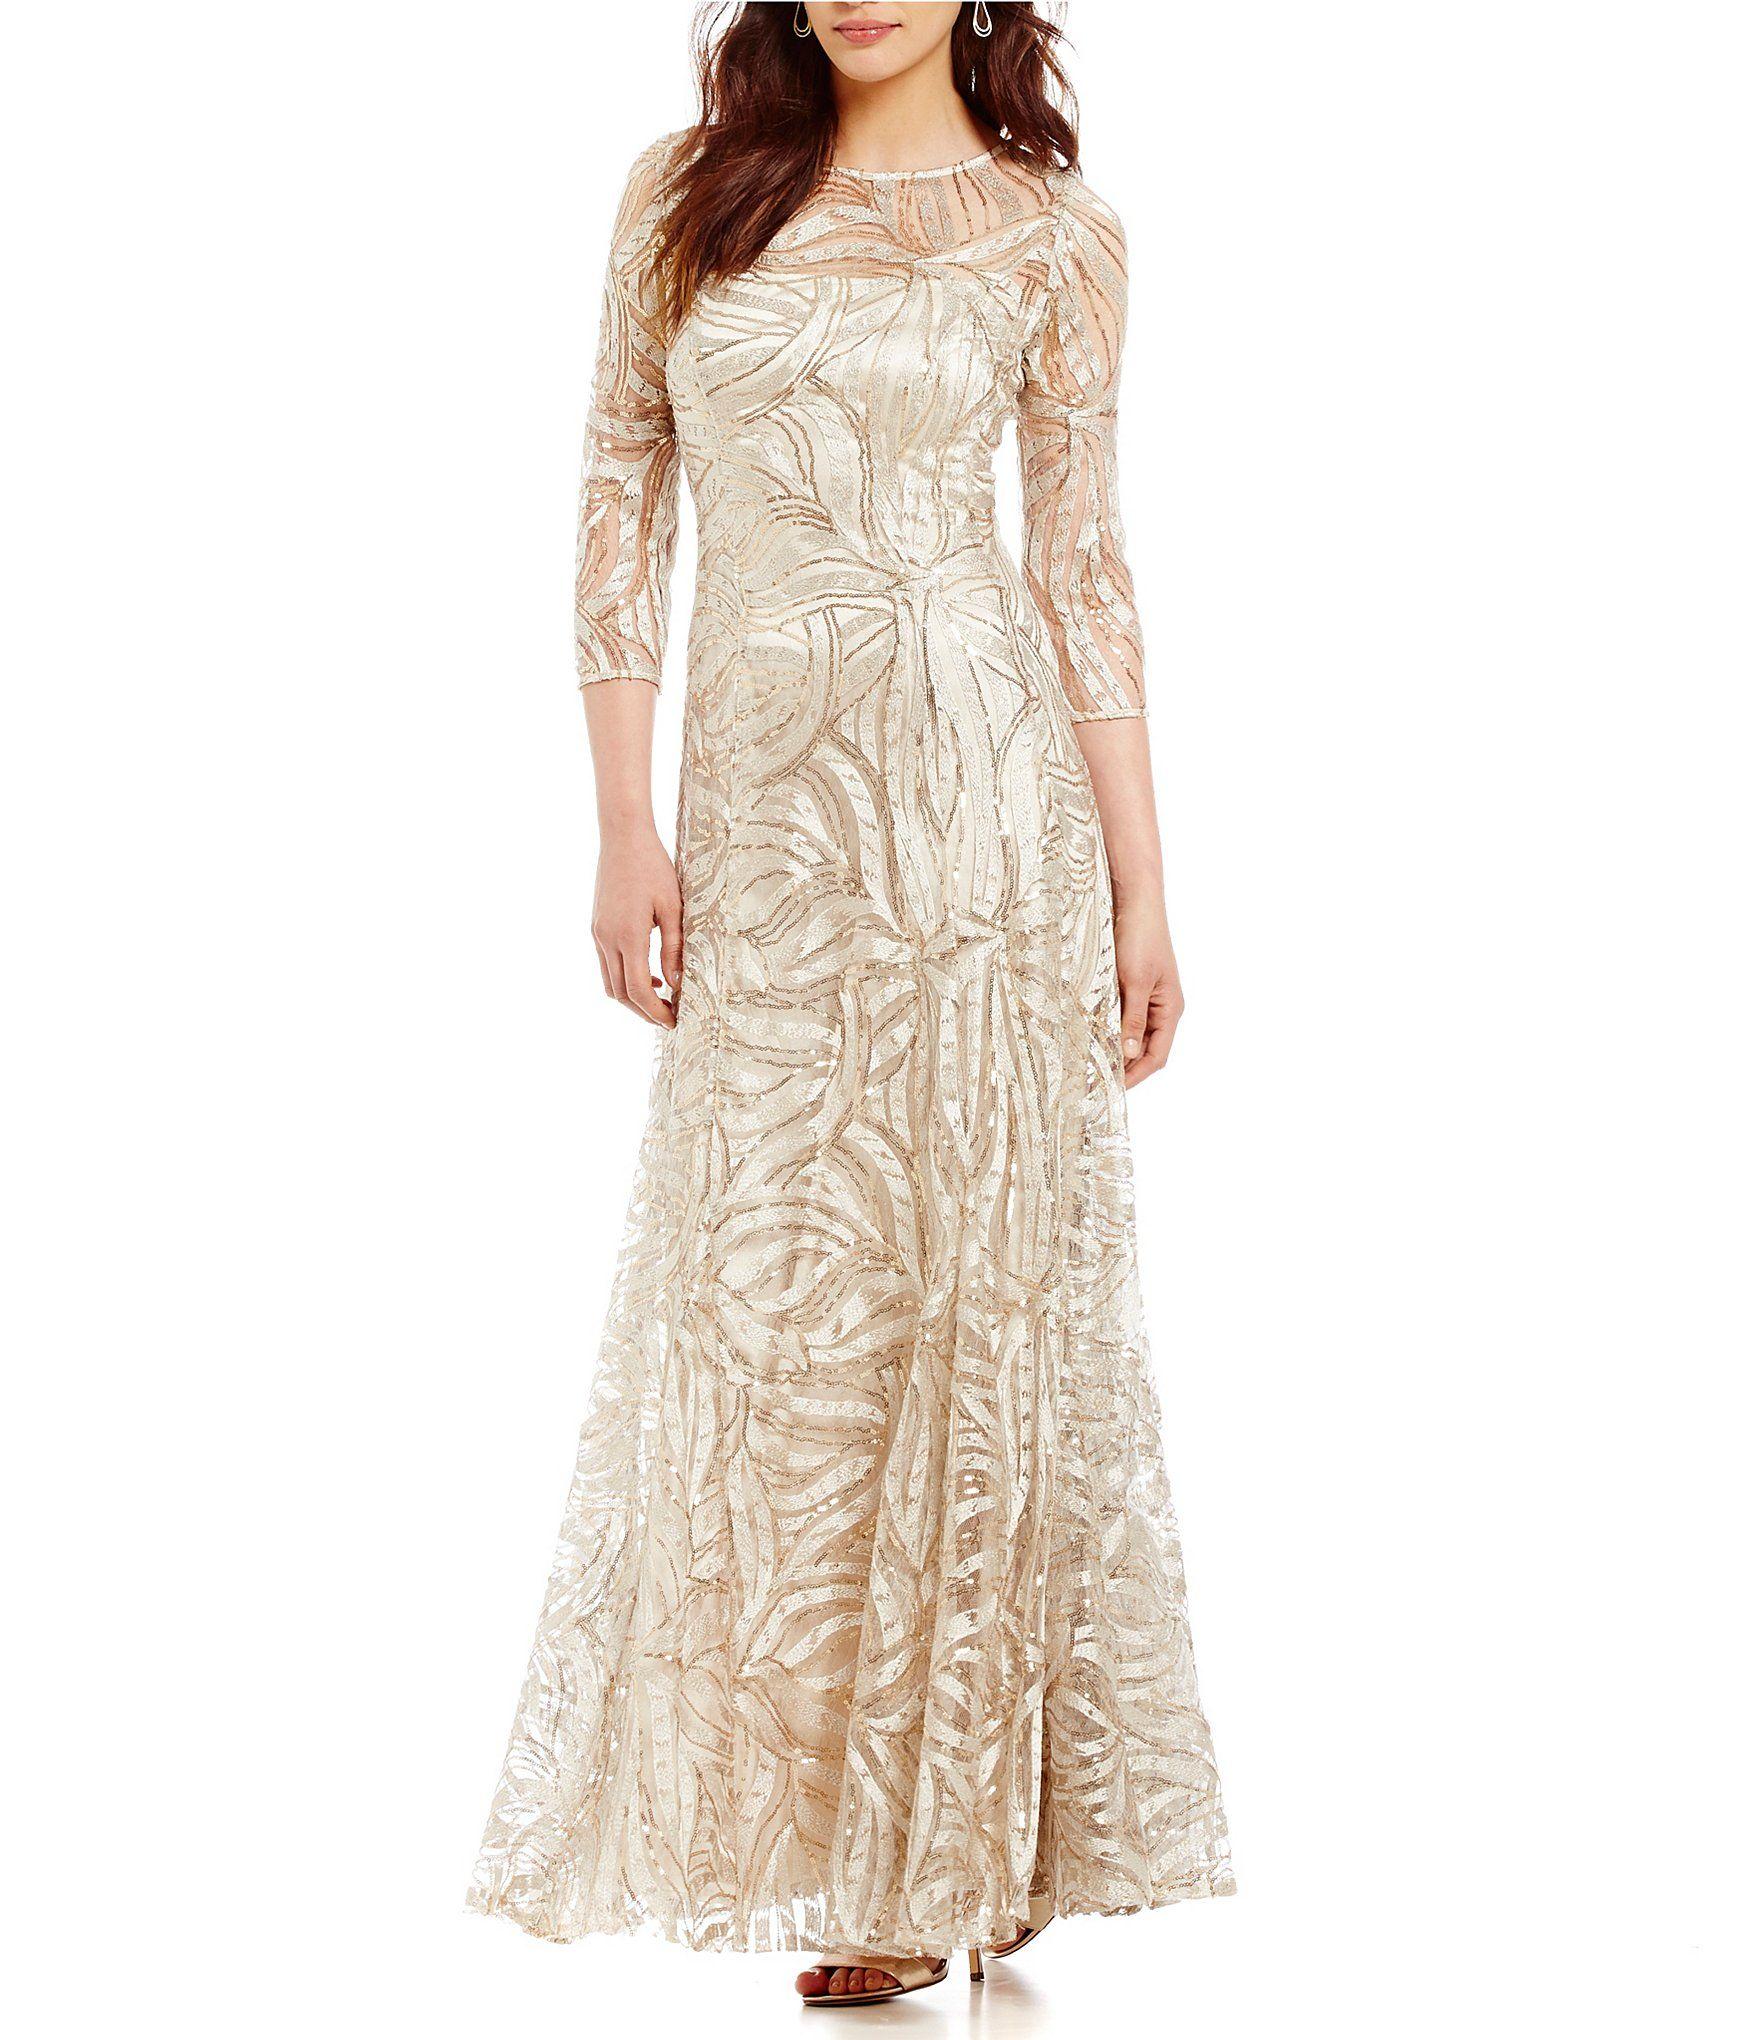 Tahari Asl Embroidered A Line Gown Dillard S In 2021 Dillards Wedding Dresses Dillards Dress Red Wedding Dresses [ 2040 x 1760 Pixel ]